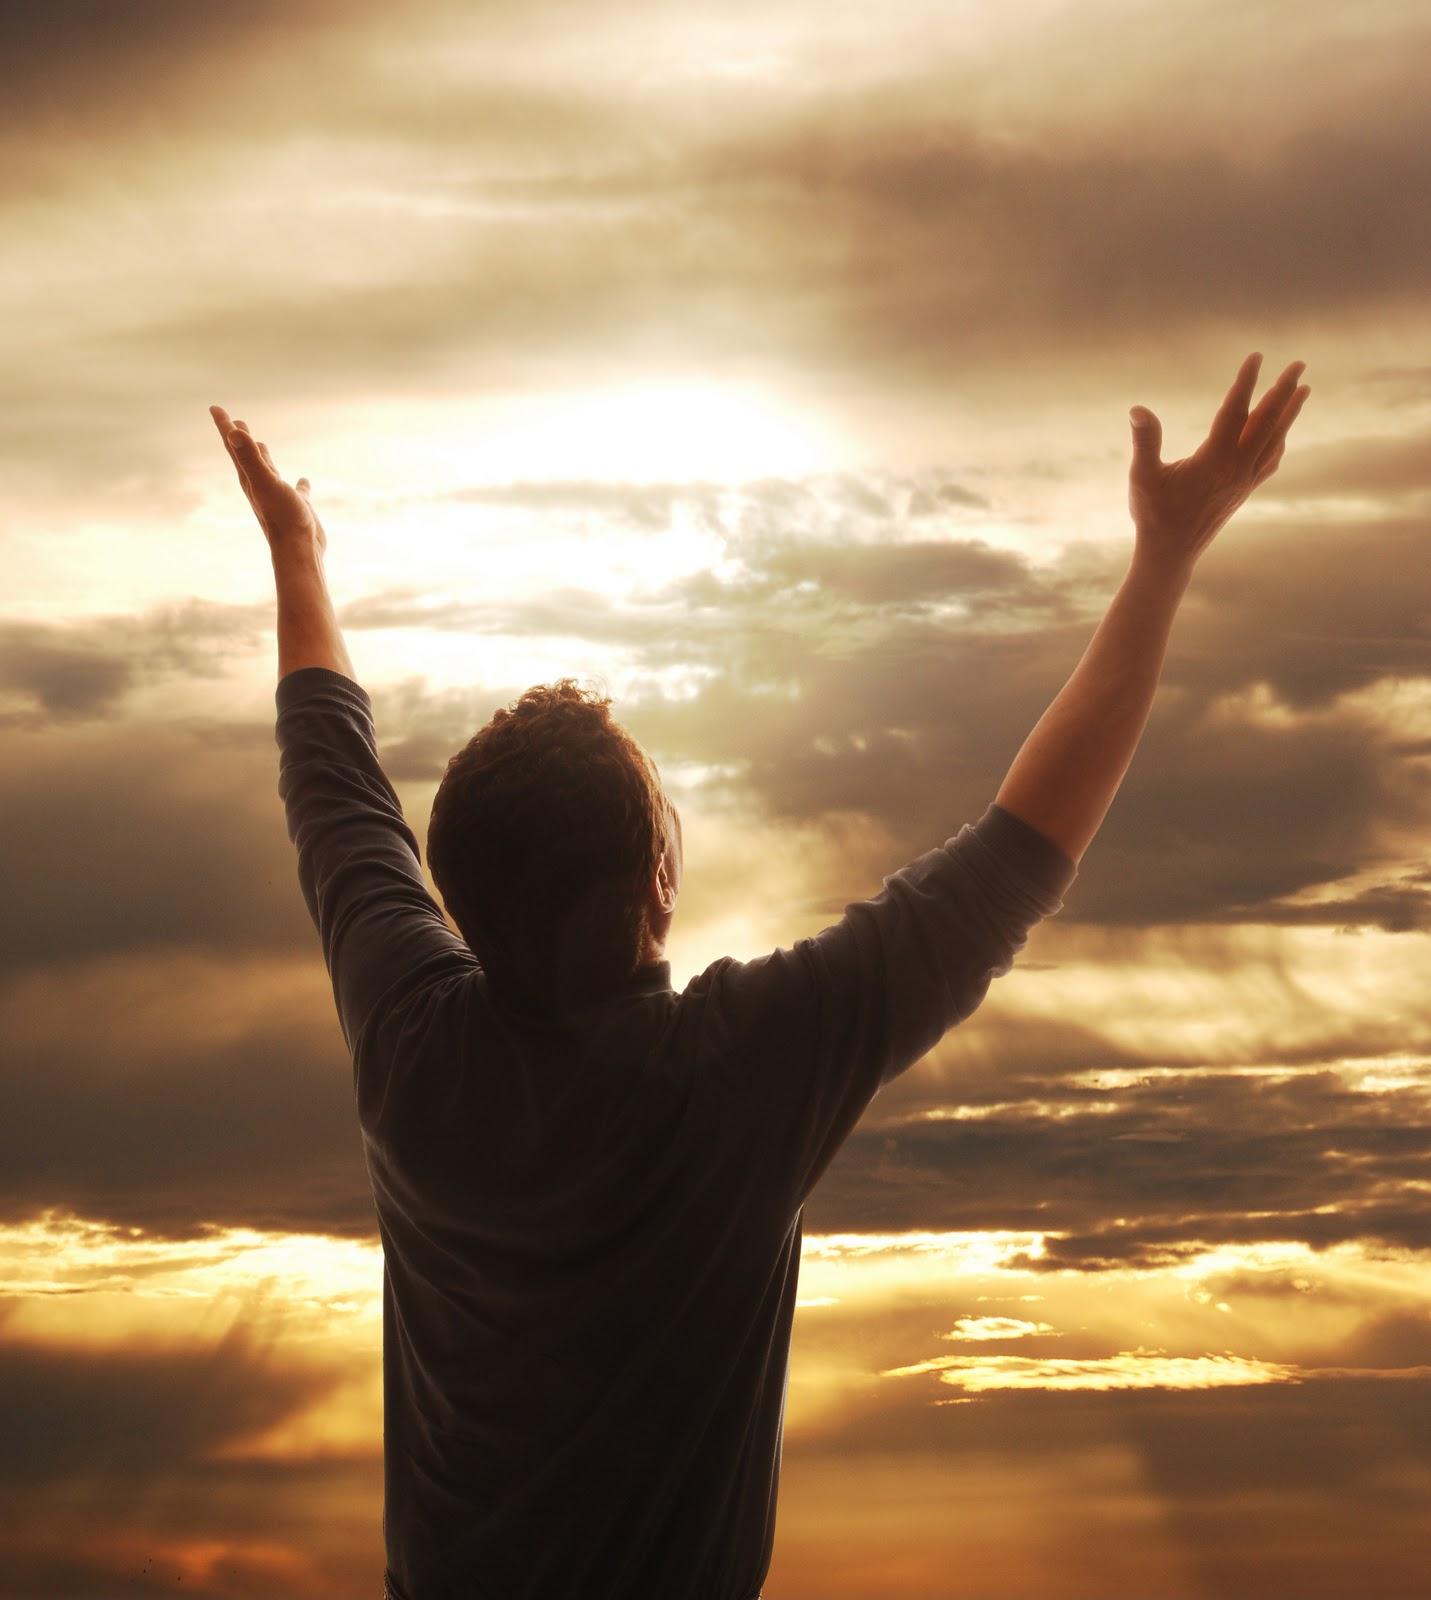 http://1.bp.blogspot.com/_9C8Xev0gJW0/TT8cqmAYqdI/AAAAAAAAAaM/UDK3CMnuGsA/s1600/Prayer.jpg